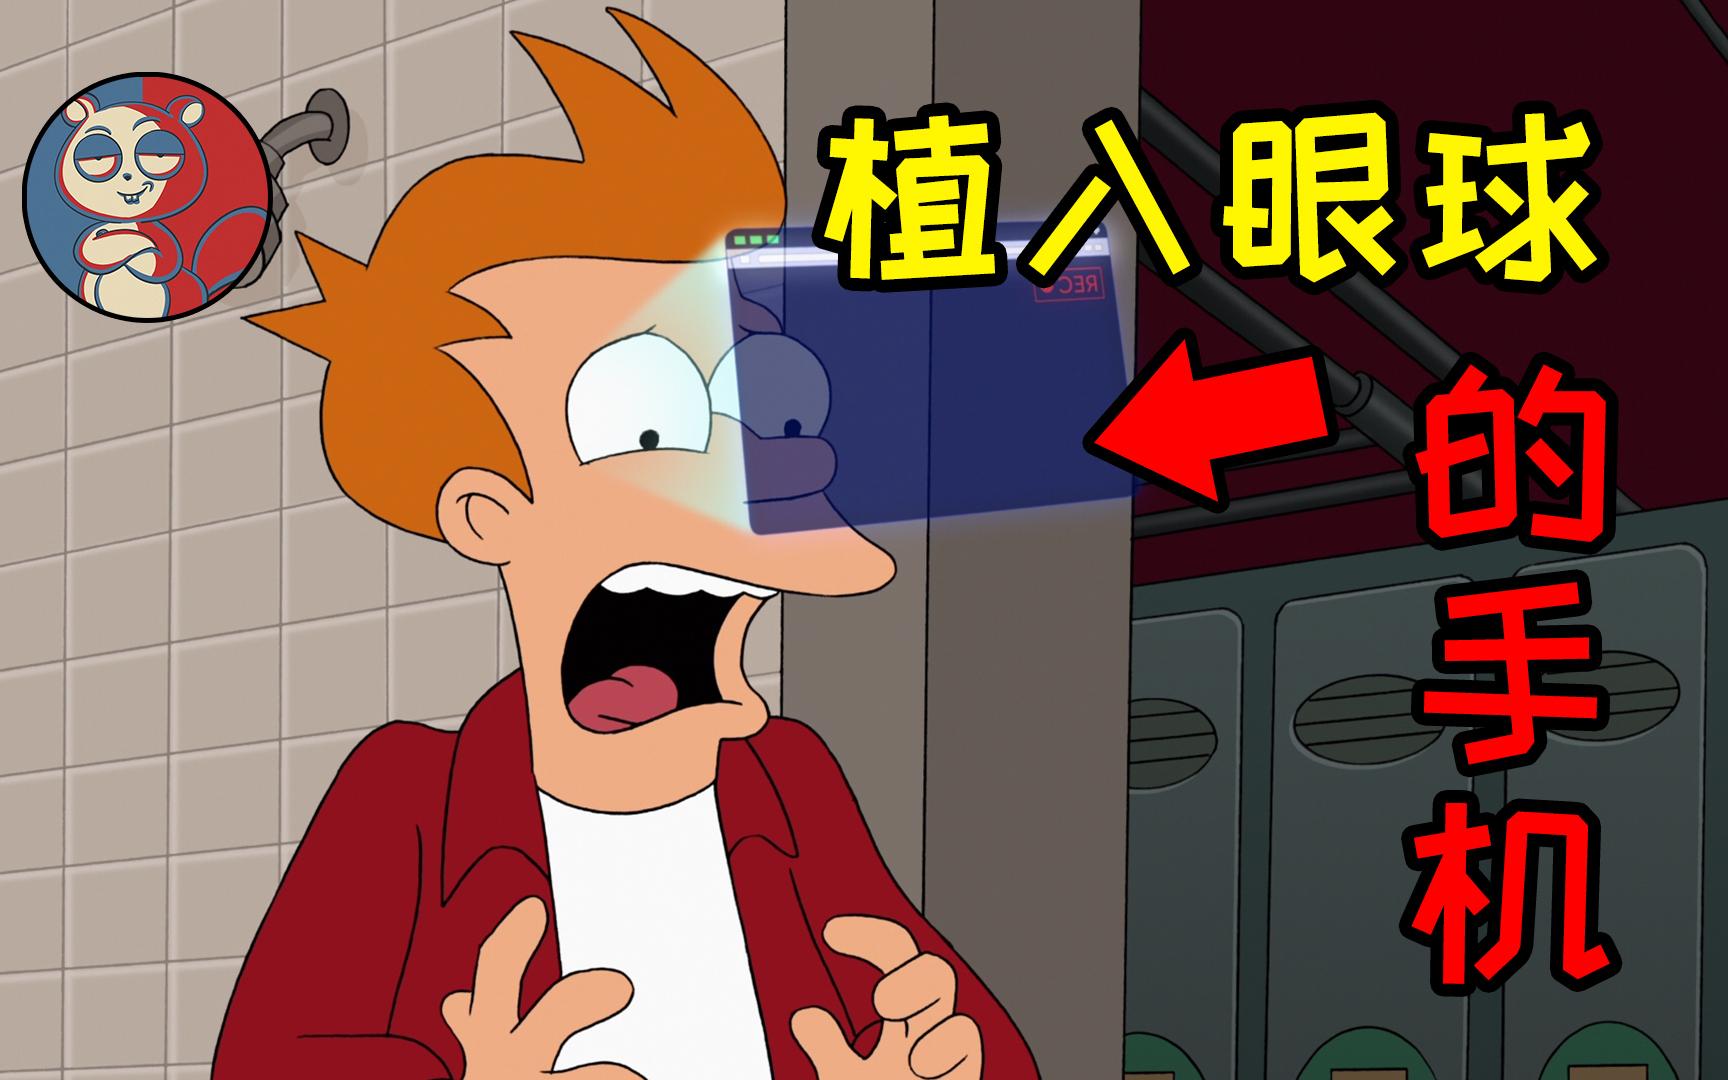 【飞鼠】31世纪的手机直接植入眼球,任由厂商割韭菜!《飞出个未来》